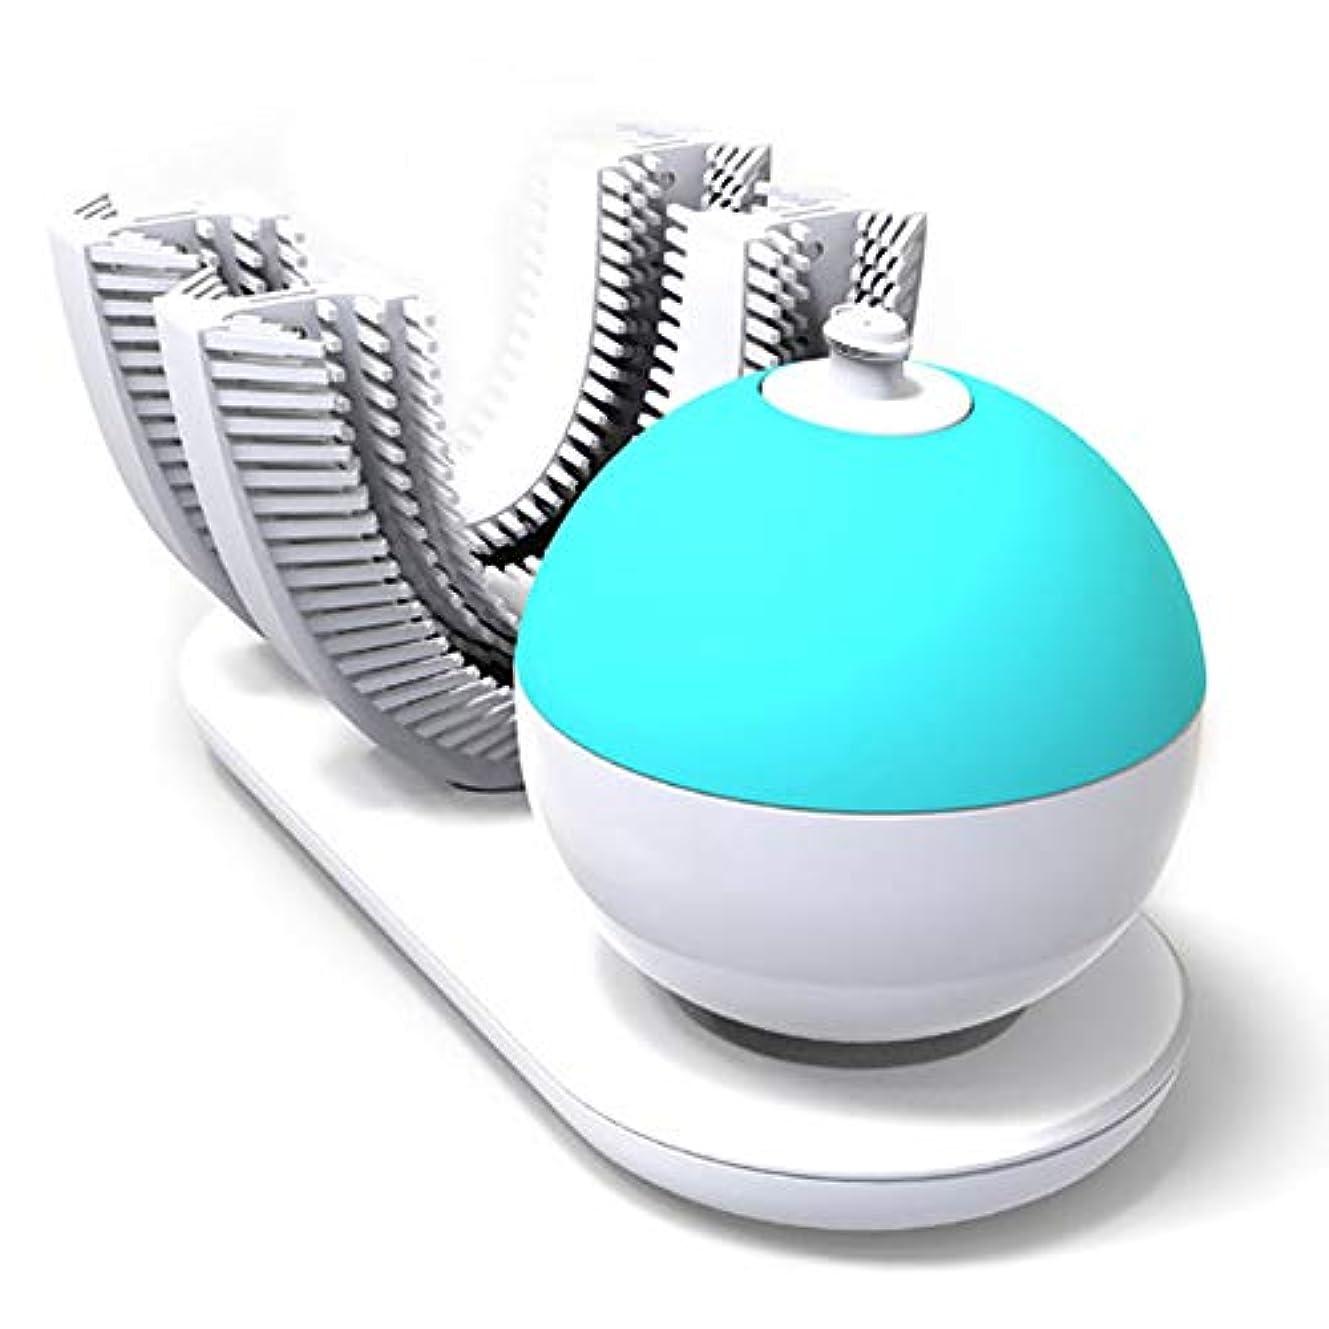 憲法件名役に立つフルオートマチック可変周波数電動歯ブラシ、自動360度U字型電動歯ブラシ、ワイヤレス充電IPX7防水自動歯ブラシ(大人用)